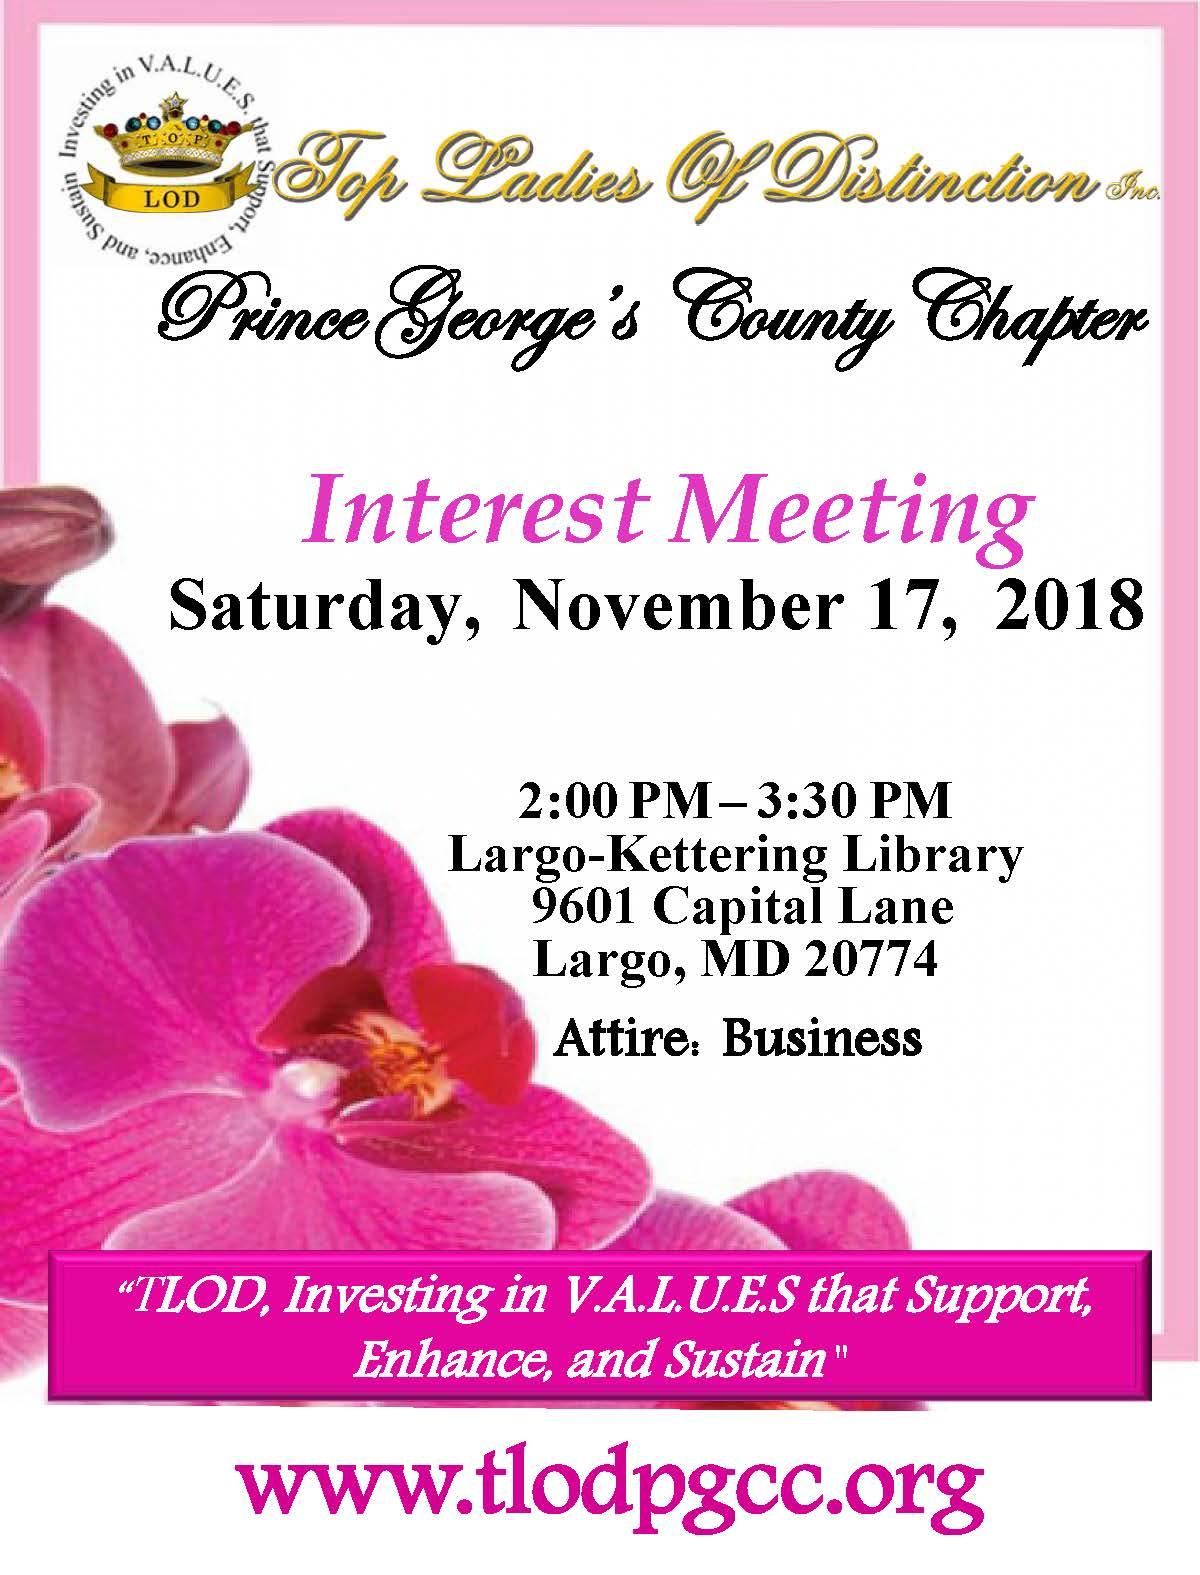 interest meeting top ladies of distinction prince george's